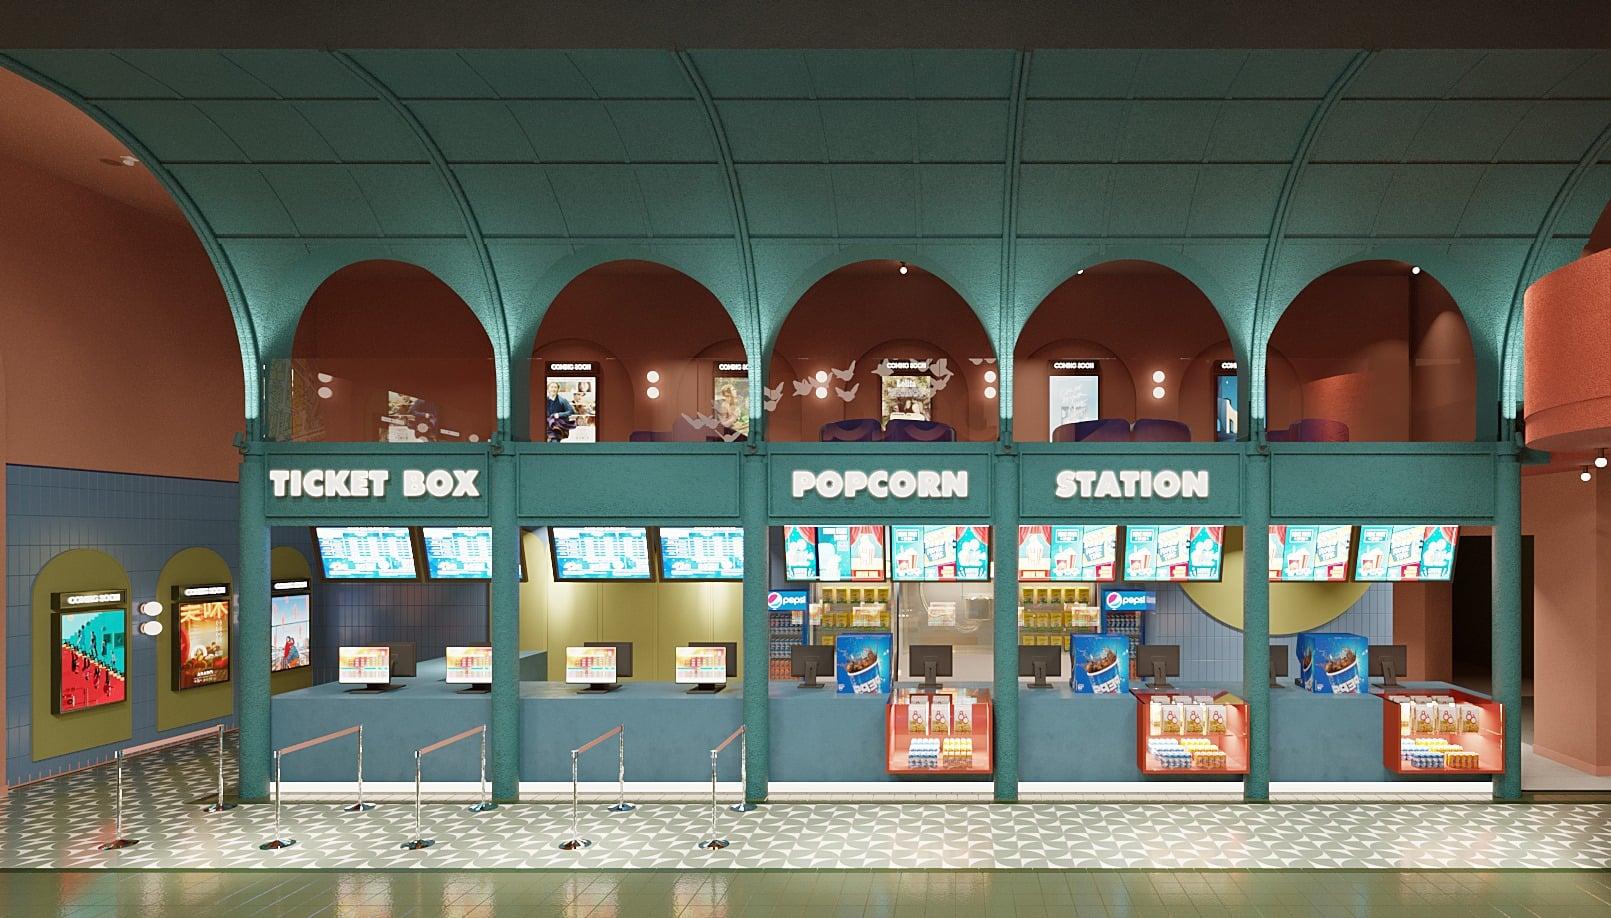 Beta Cinemas Quang Trung, rạp phim mới ở TP HCM mang phong cách Artistic Urban Lifestyle - Ảnh 3.